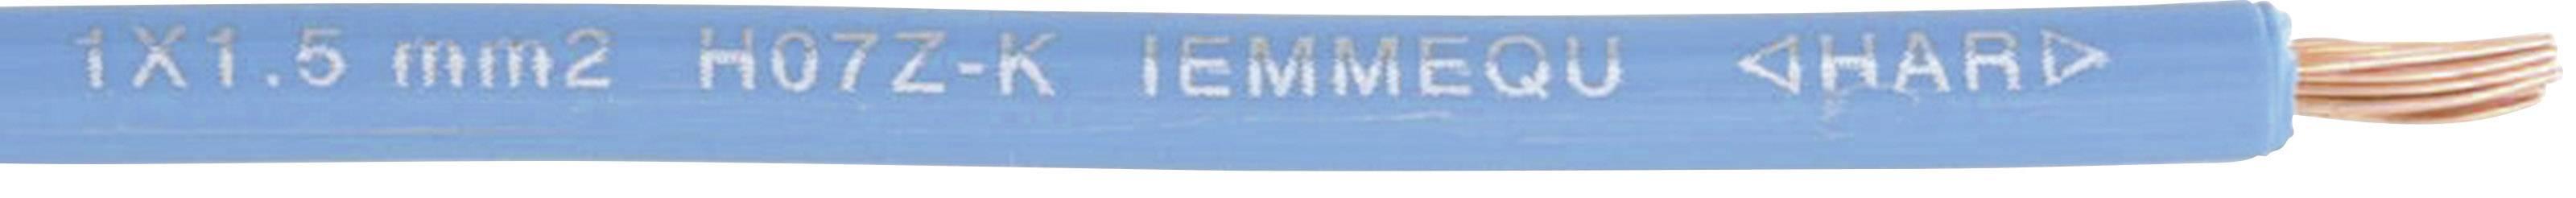 Pletenica H07Z-K 1 x 6 mm, zelena-rumena Faber Kabel 040278 cena za meter